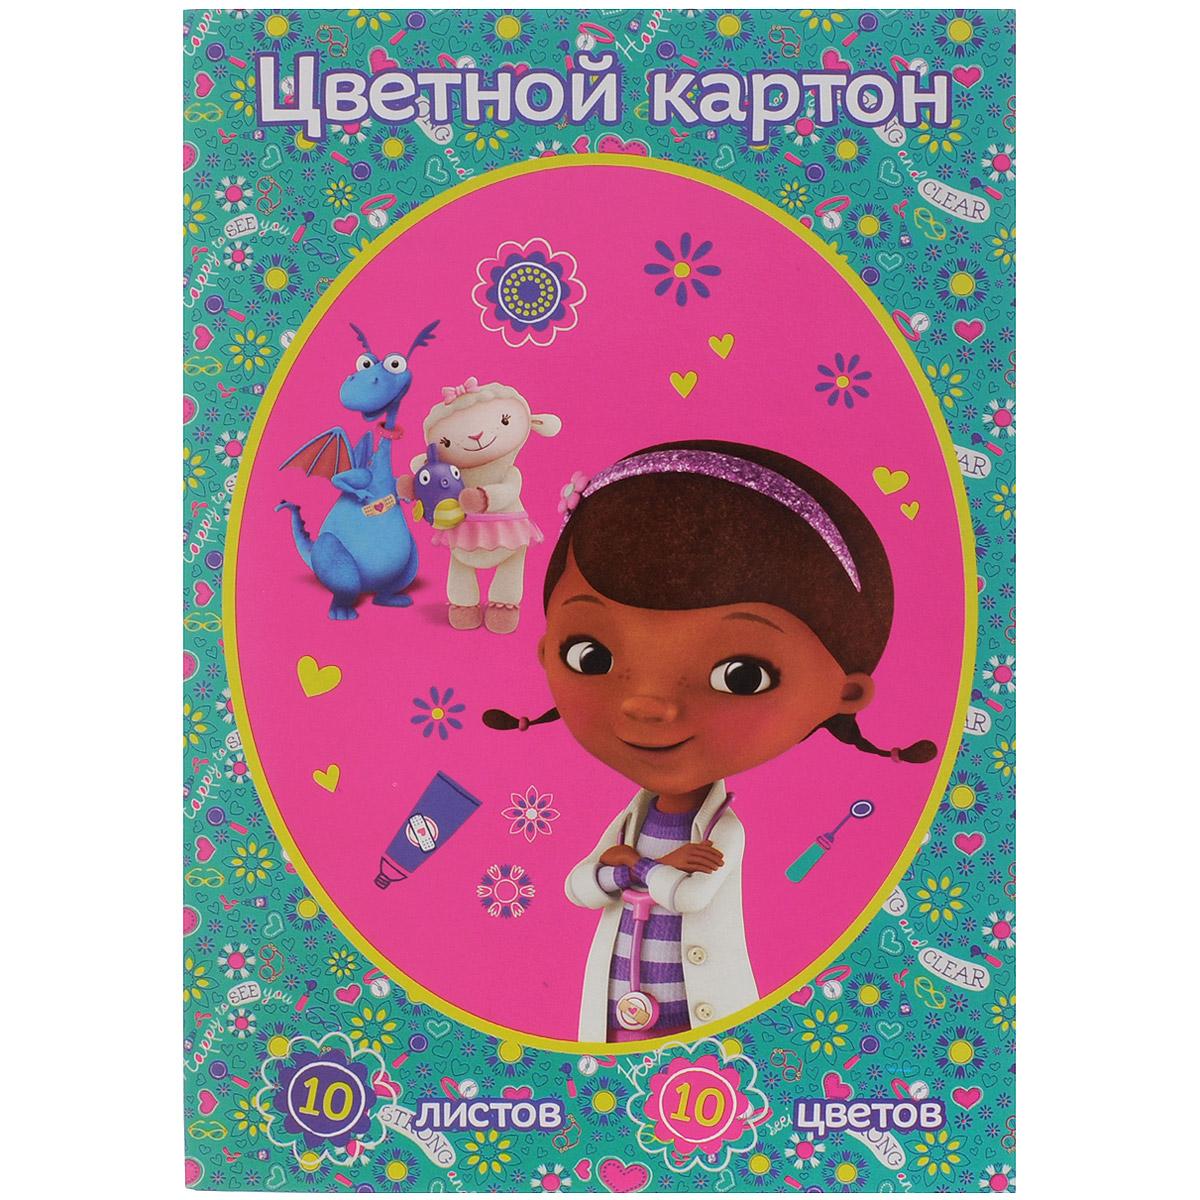 Цветной картон Disney Доктор Плюшева, 10 цветов25440Цветной картон Disney Доктор Плюшева идеально подойдет для творческих занятий в детском саду, школе или дома. Картон упакован в яркую картонную папку, оформленную рисунком с изображением героев мультфильма Доктор Плюшева. Упаковка содержит десять листов картона разных цветов (оранжевый, зеленый, желтый, черный, синий, фиолетовый, красный, коричневый, золотой и серебряный). Создание поделок и аппликаций из картона - это увлекательный досуг, который позволяет ребенку развивать свои творческие способности. Рекомендуемый возраст: от 3 лет.